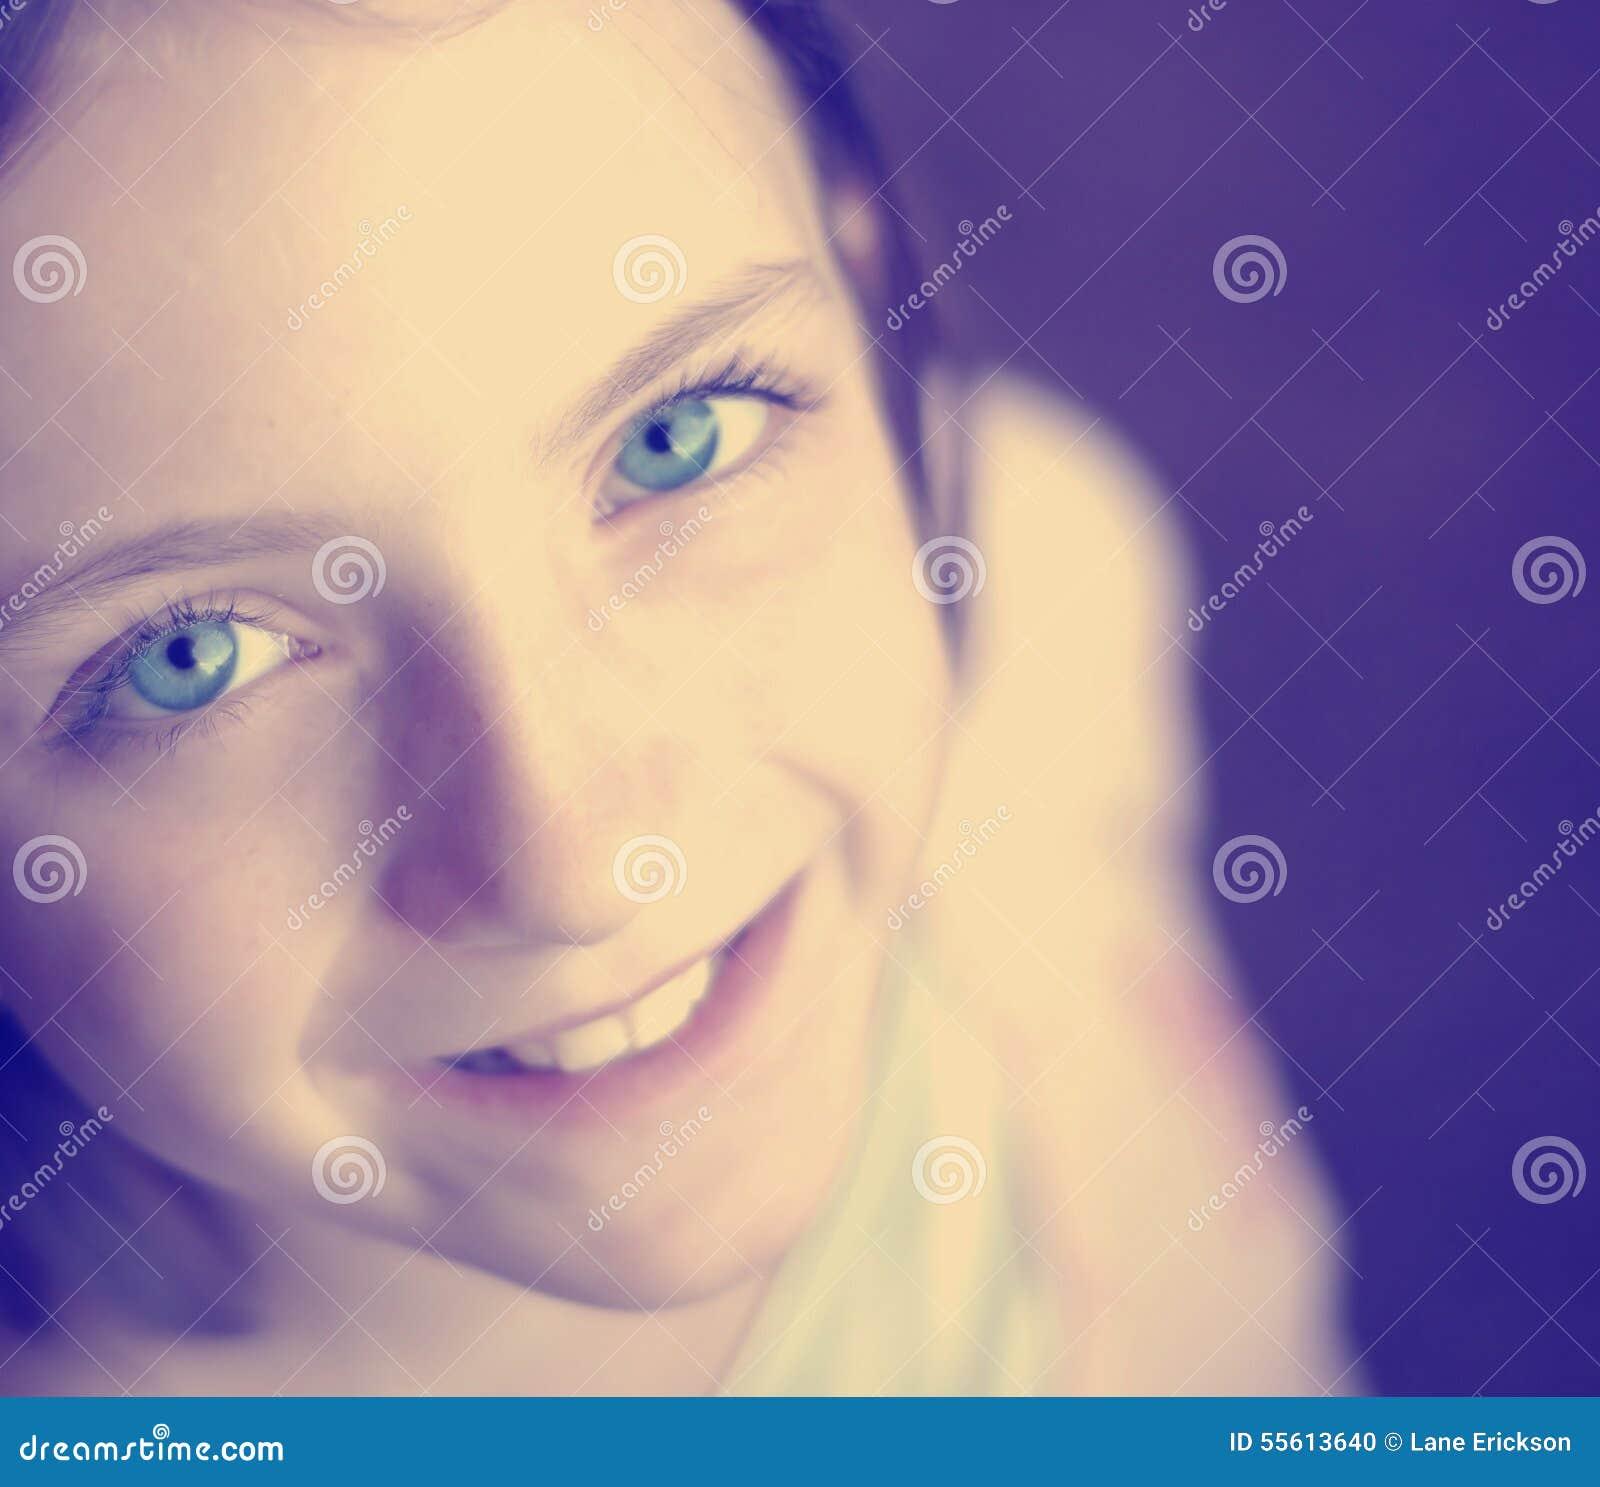 instagram selfie cute girl stock photo. image of people - 55613640